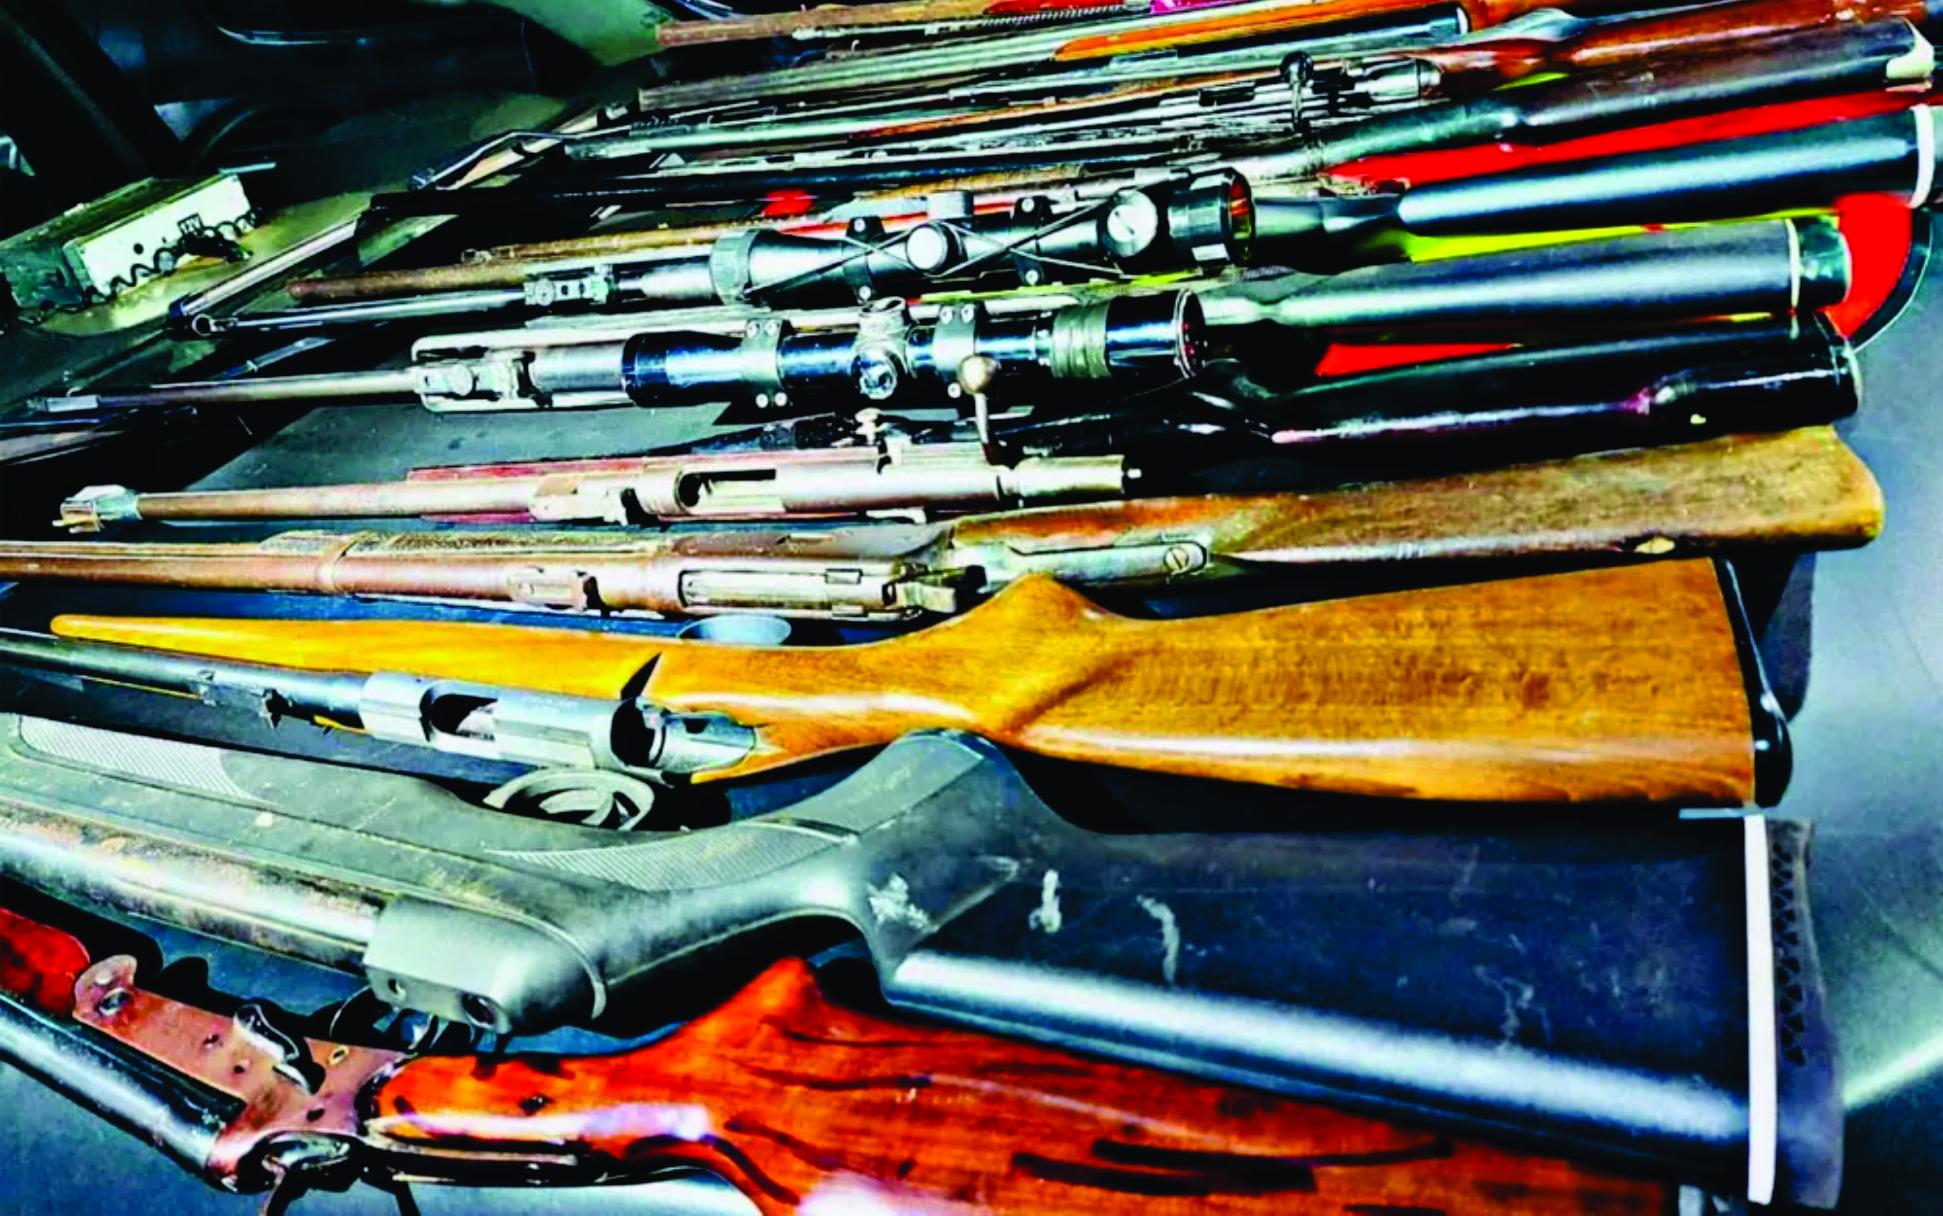 Homem é preso com quase 40 armas e centenas de munições em fábrica clandestina de armamento em Goiânia, diz polícia